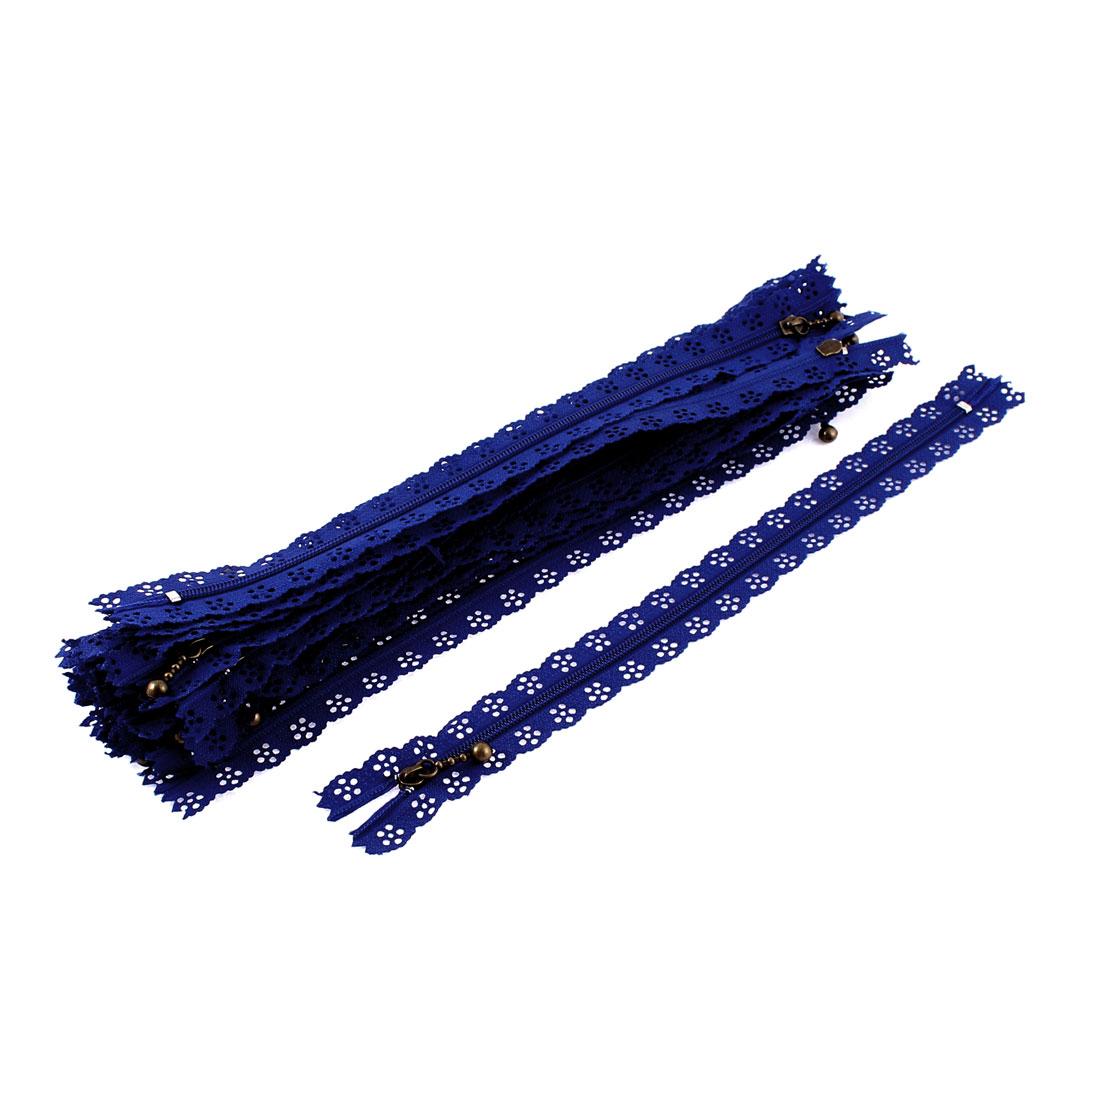 Blue Flower Floral Lace Closed End Zip Zippers 20 Pcs